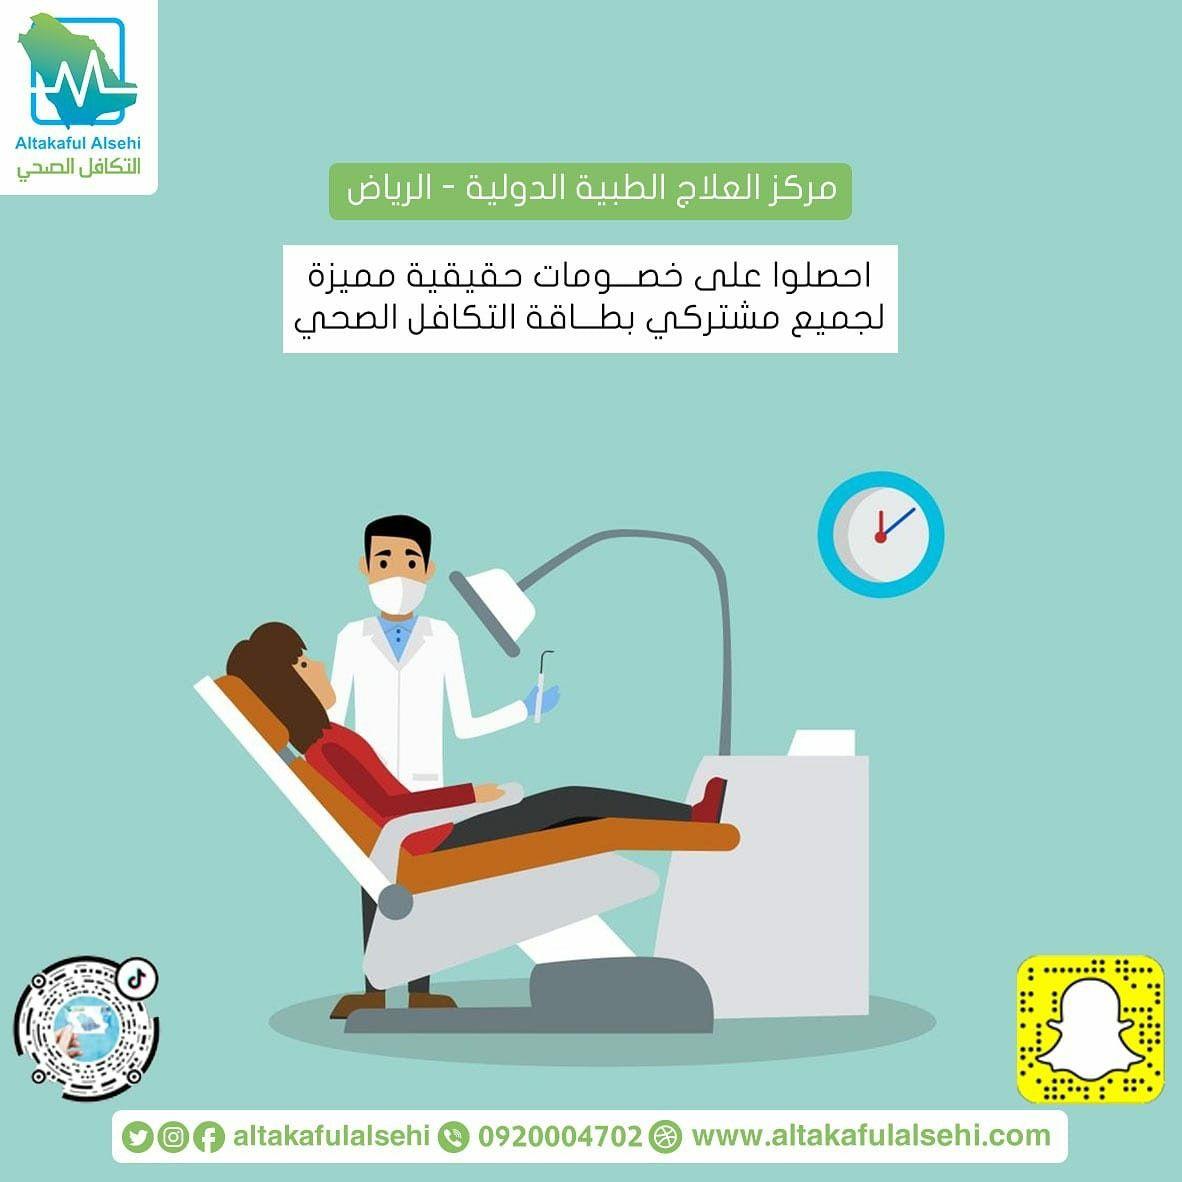 مركز العلاج الطبية الدولية الرياض حي الشهداء يقدم لكم العديد من الخصومات على الخدمات المقدمة على بطاقة التكافل الصحي Https Bit Health Insurance Health Map